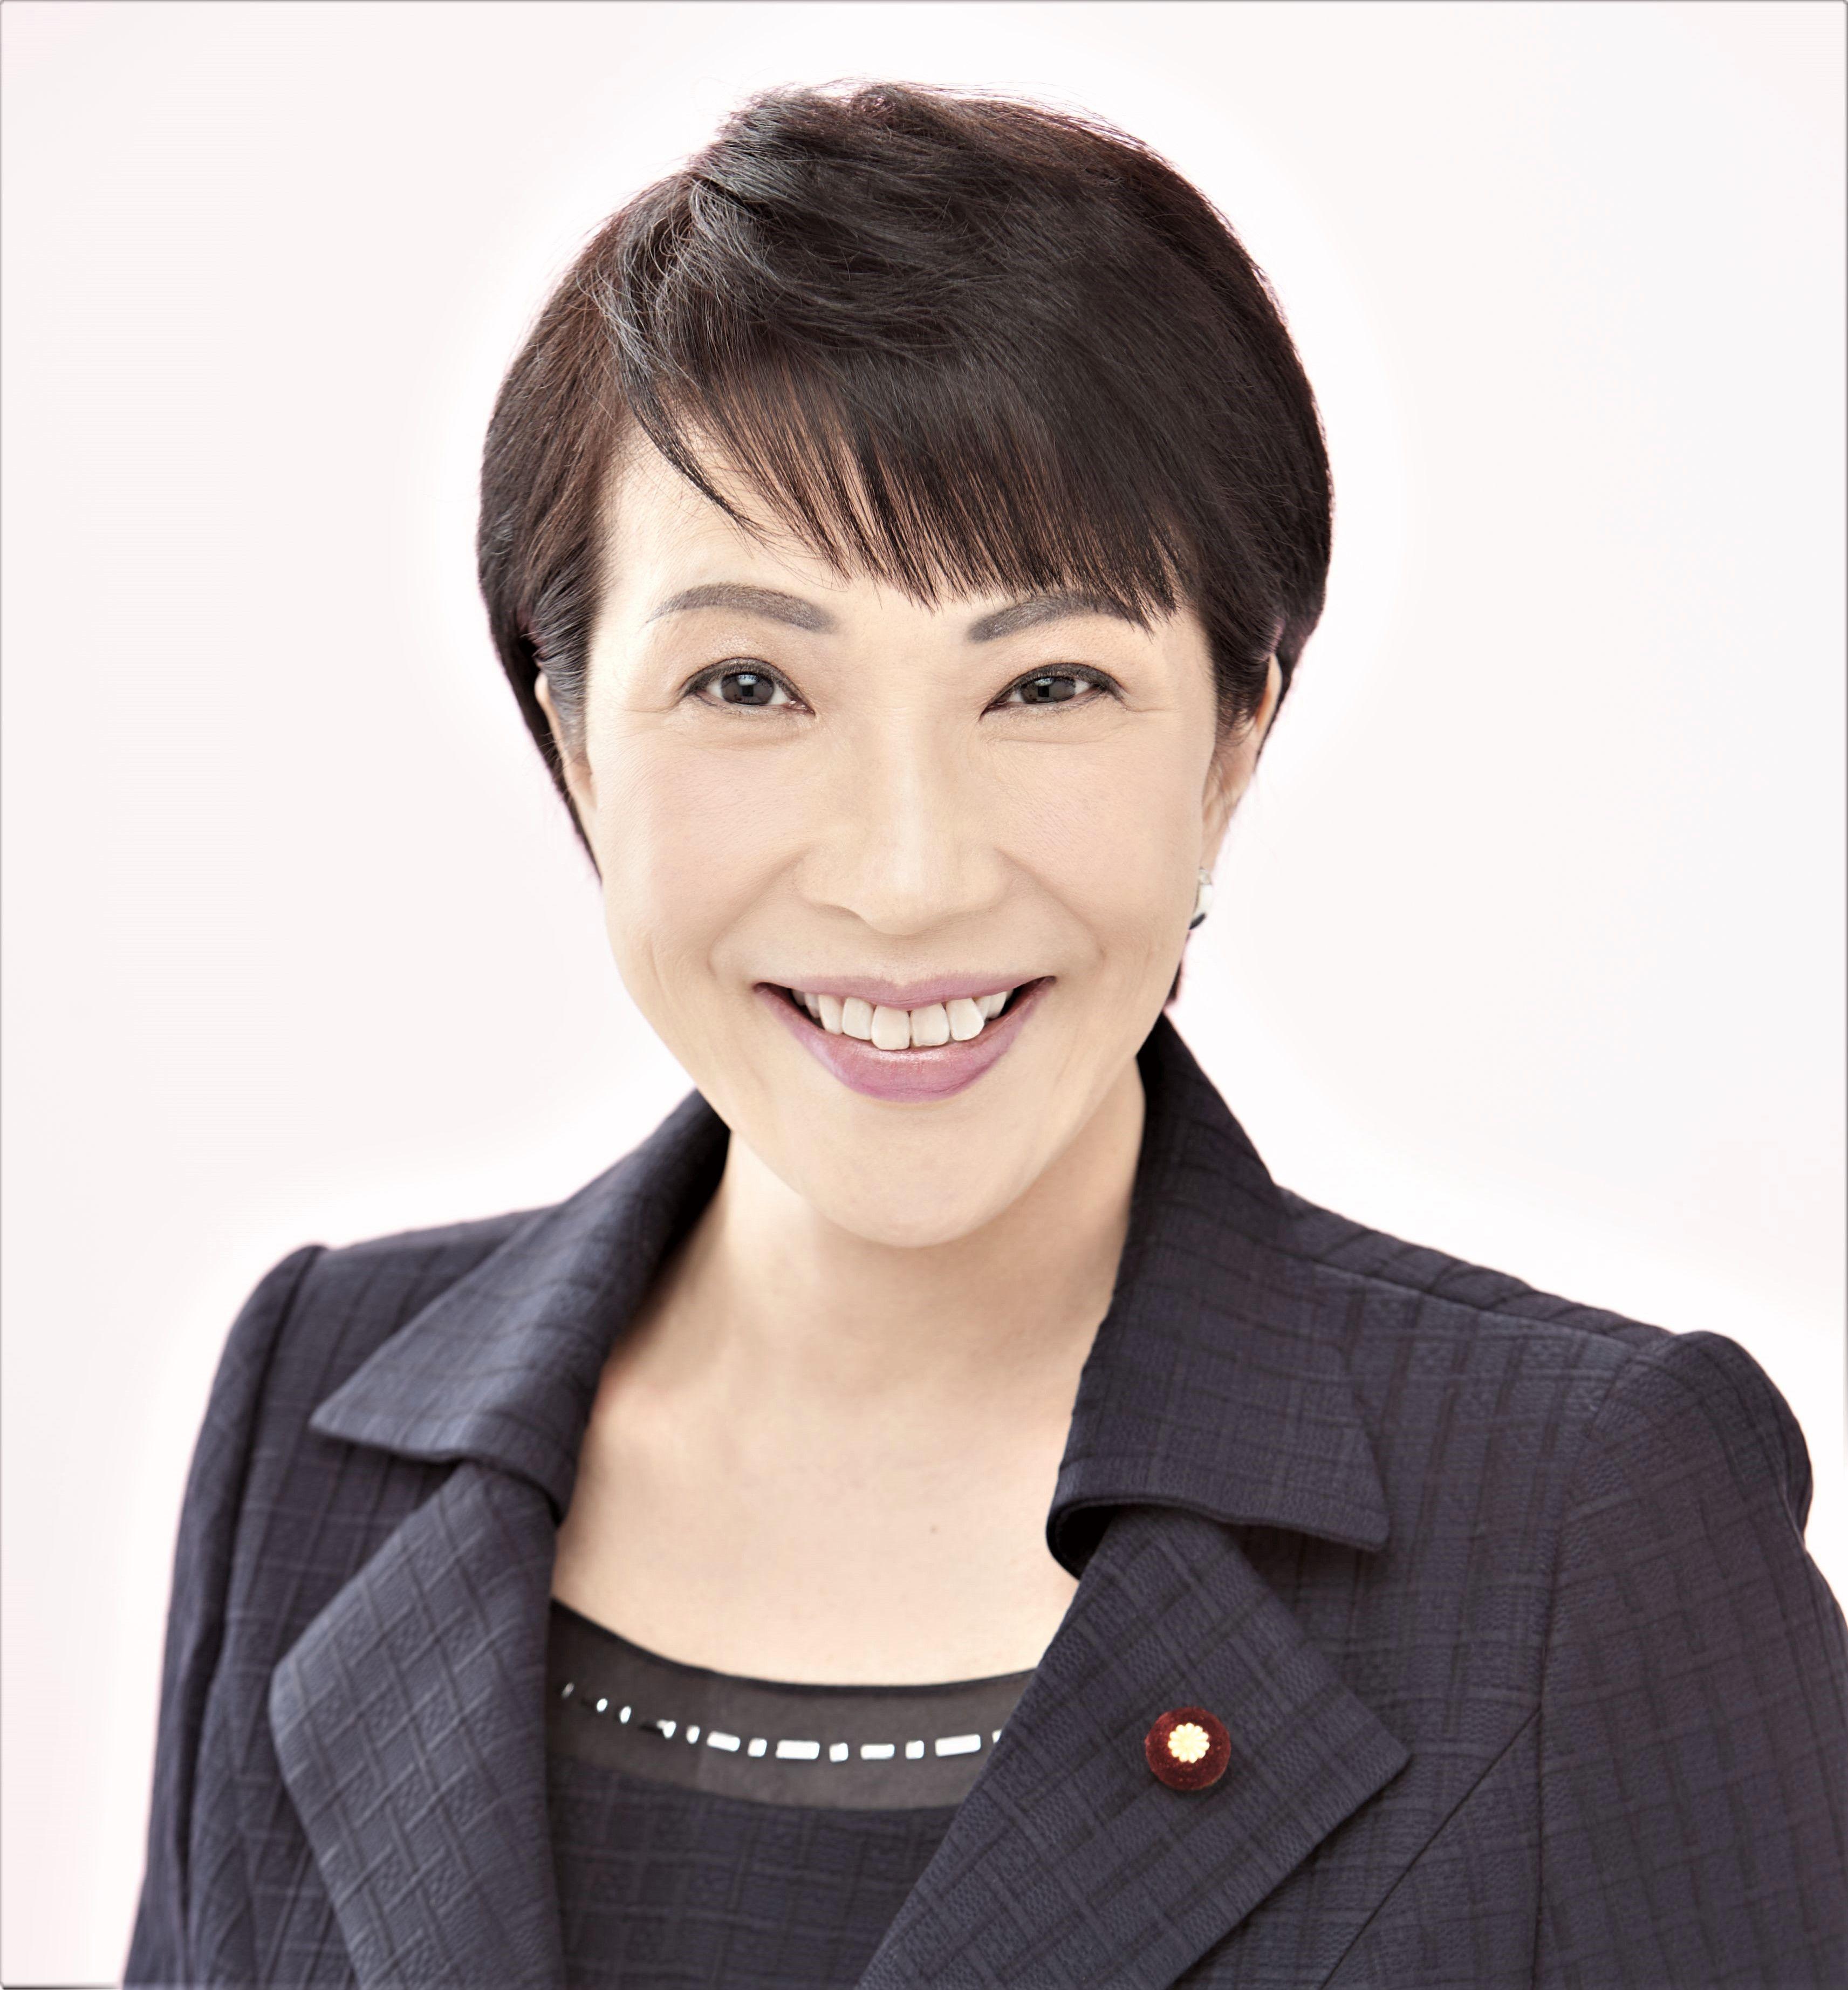 高市早苗が自民党総裁選に出馬宣言 政権構想「日本経済強靭化計画」の中身は… ポスト菅に向けた水面下の探り合い | PRESIDENT Online(プレジデントオンライン)